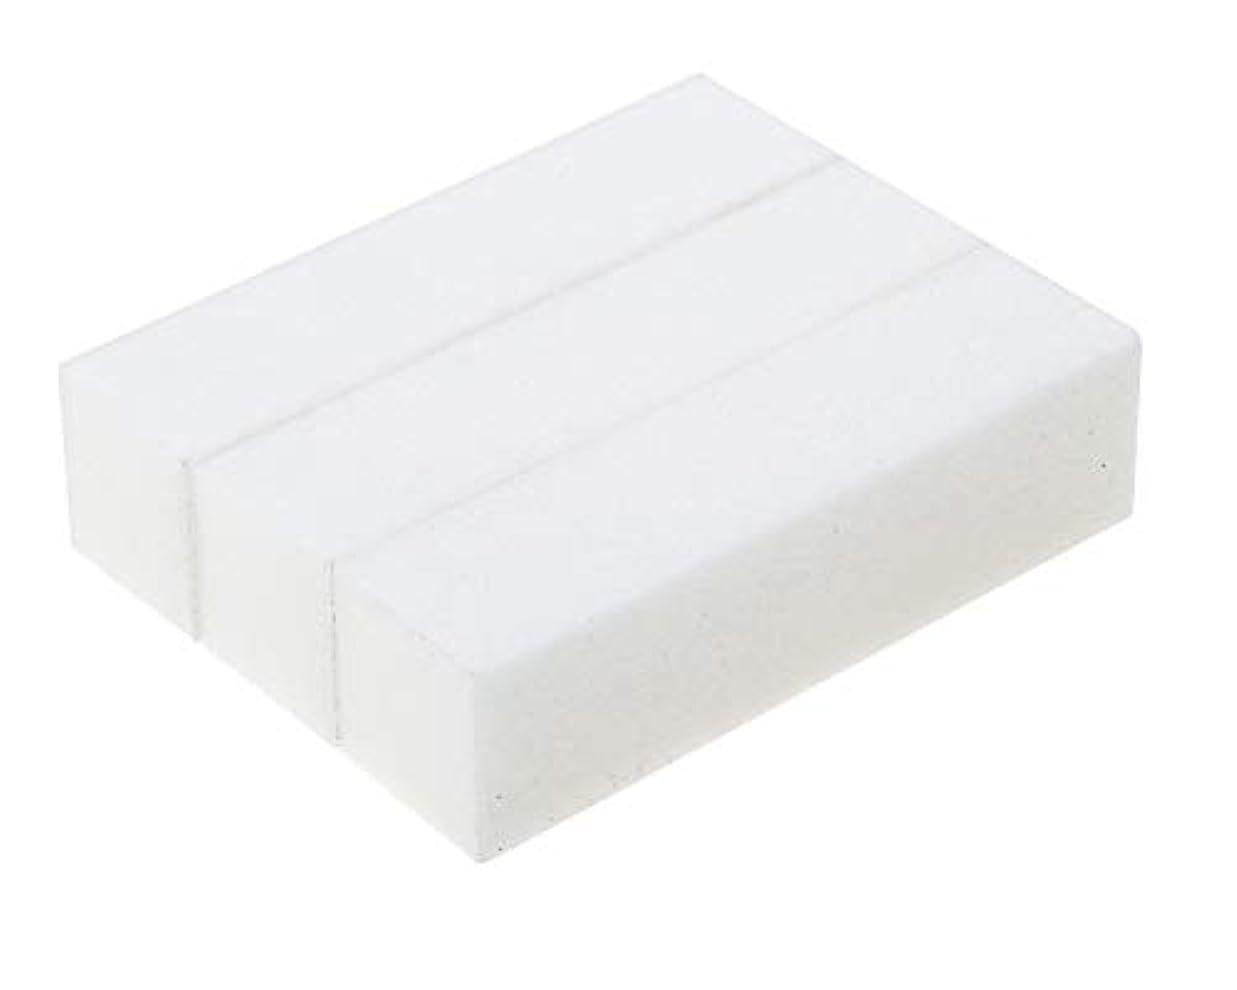 感情五月すべき3スポンジ/サンディングブロックマニキュアペディキュアプロフェッショナル高品質ポンスホワイトストーンのセット